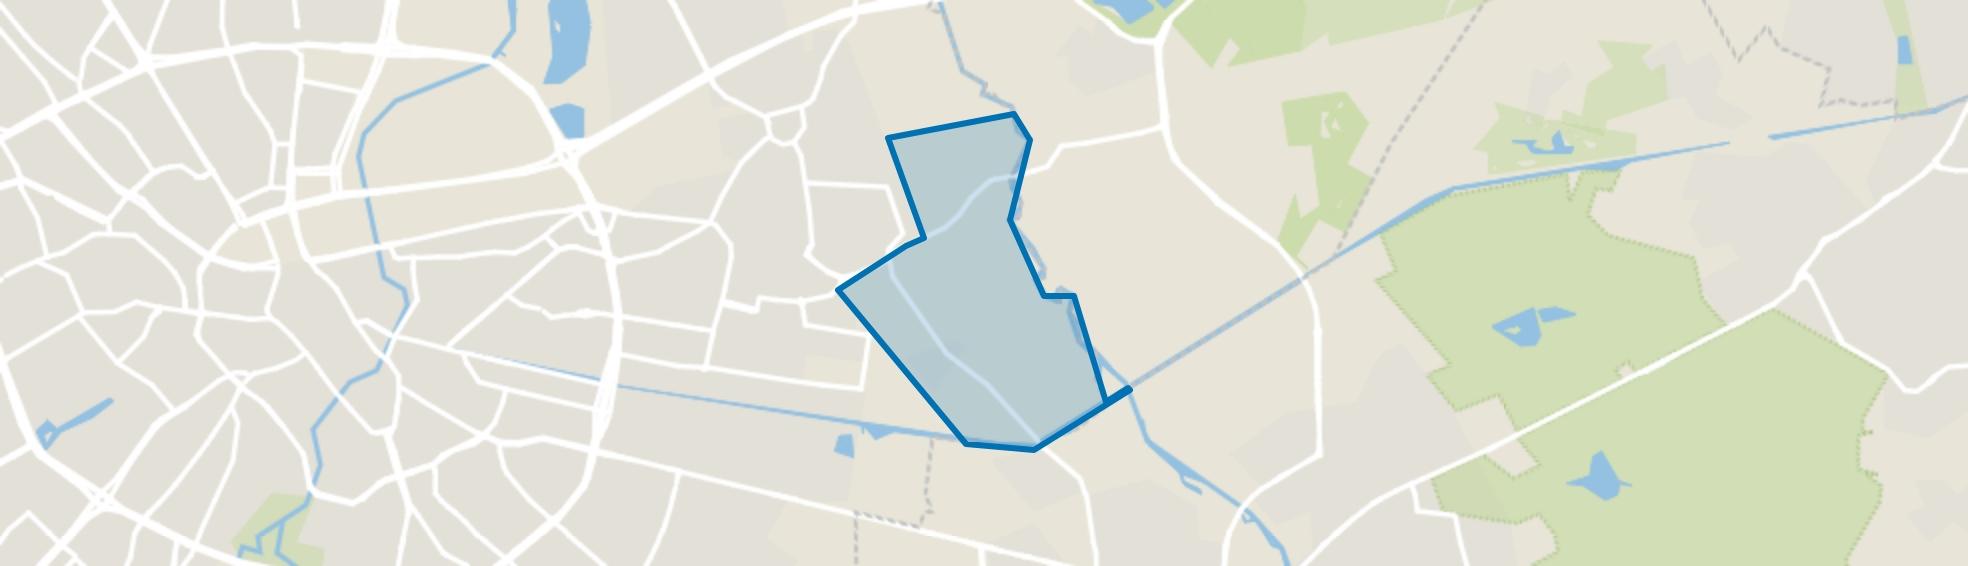 Urkhoven, Eindhoven map